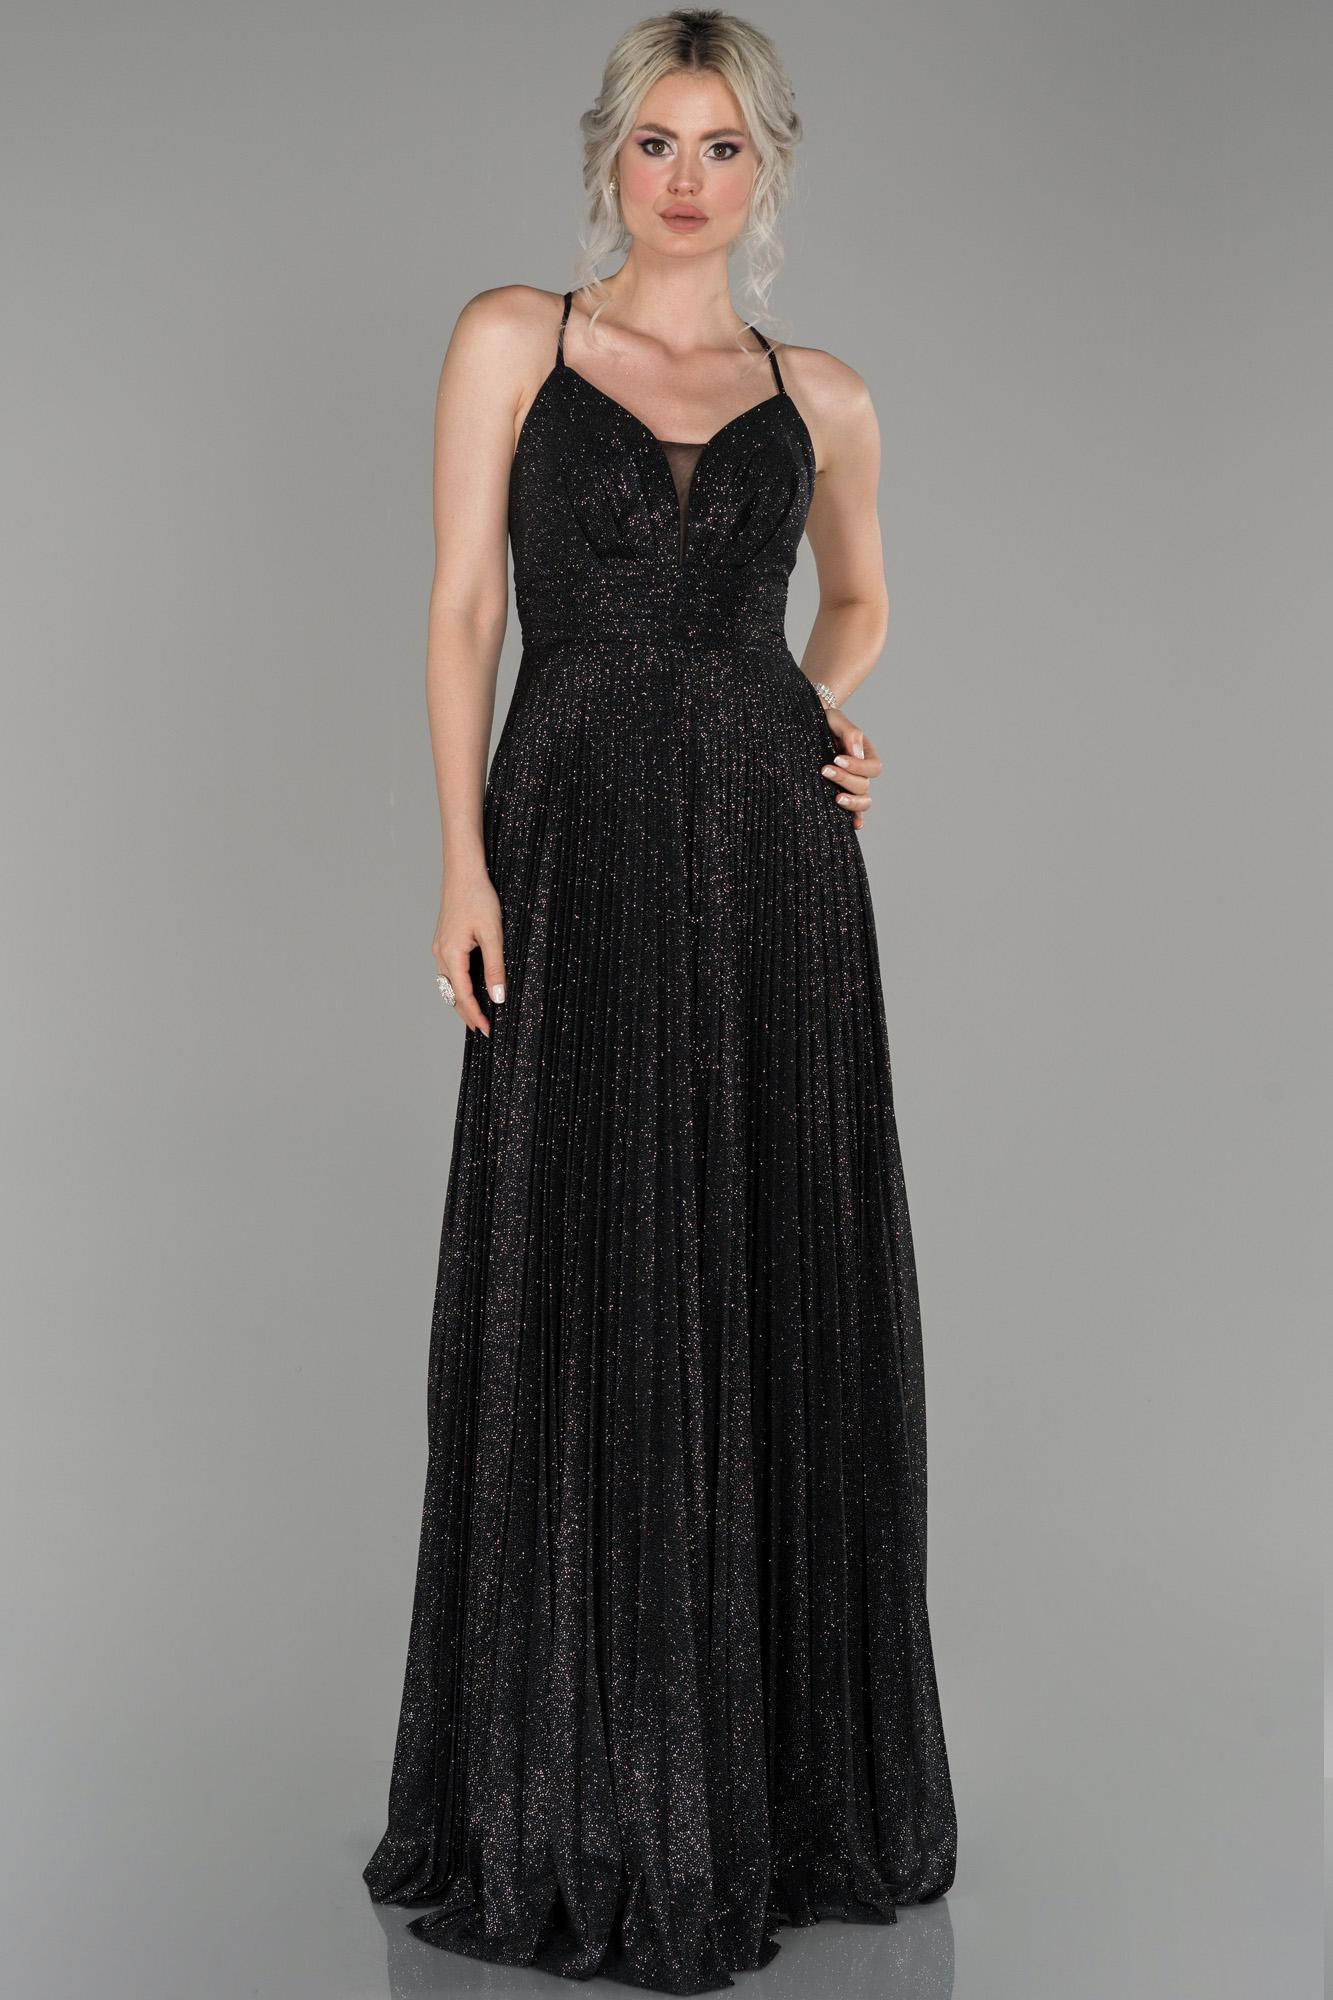 Siyah Uzun Ateş Pile Sim Kumaş Abiye Elbise